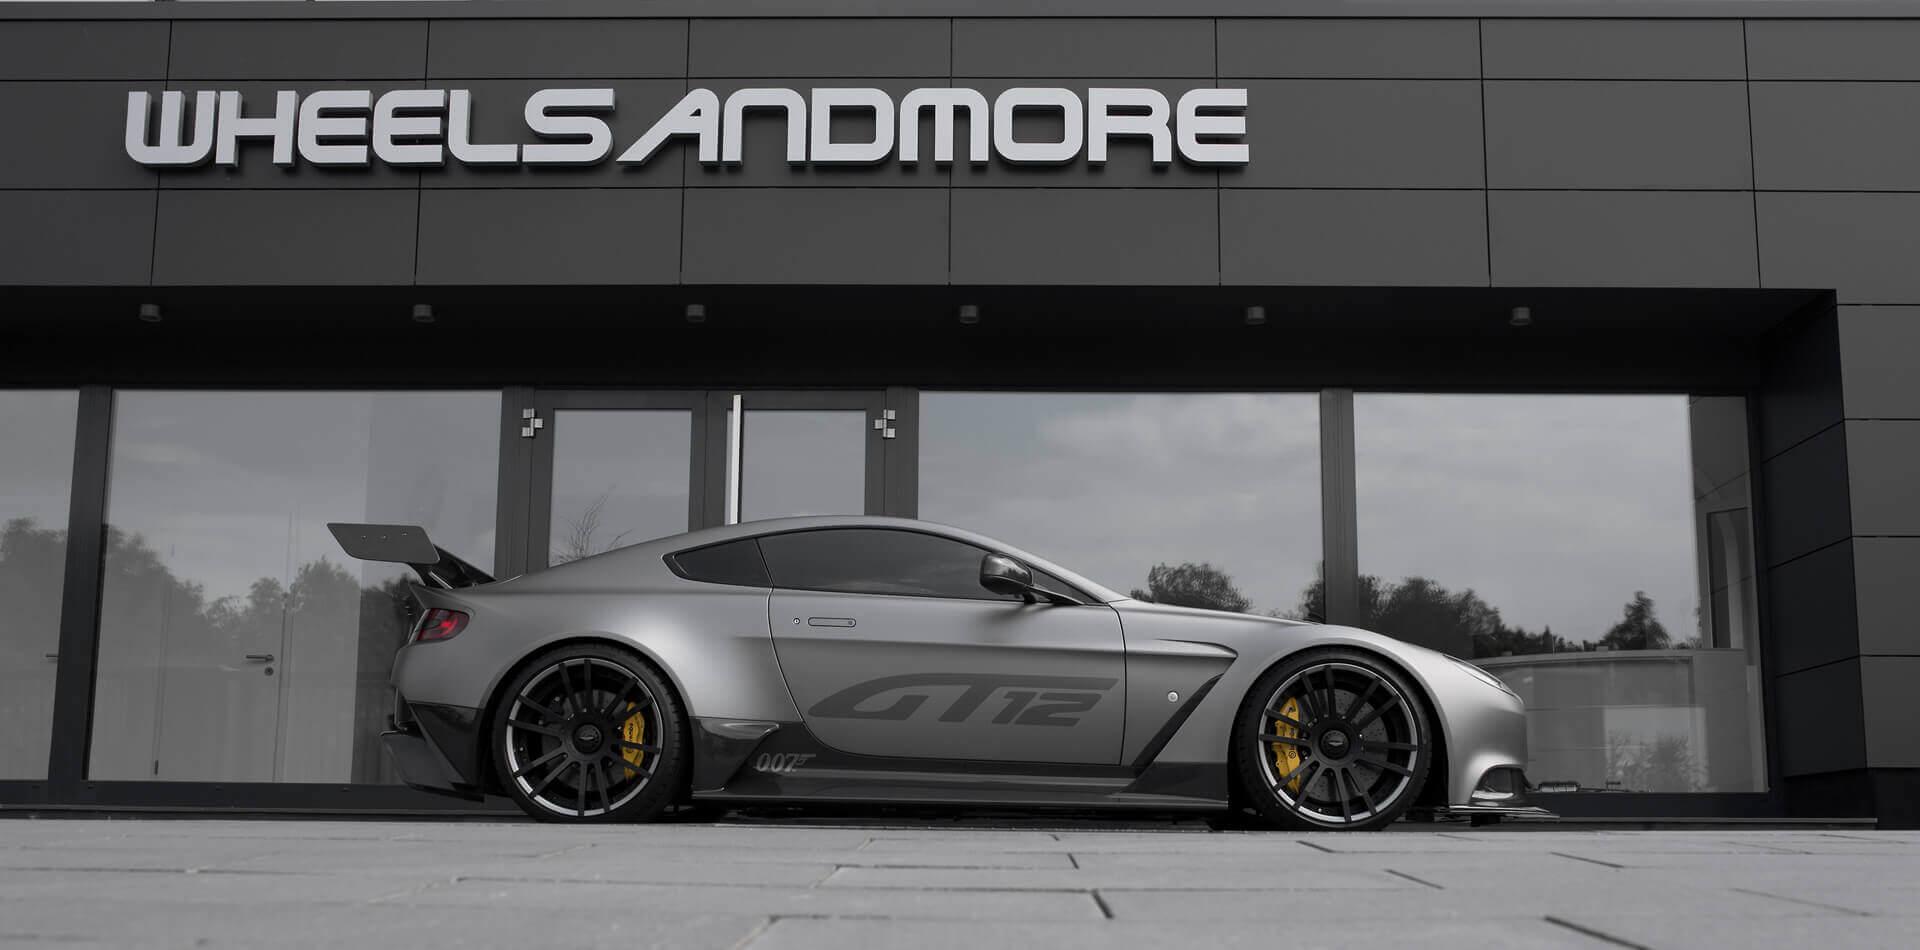 Aston Martin Vantage Felgen, Auspuffanlage, Leistungssteigerung